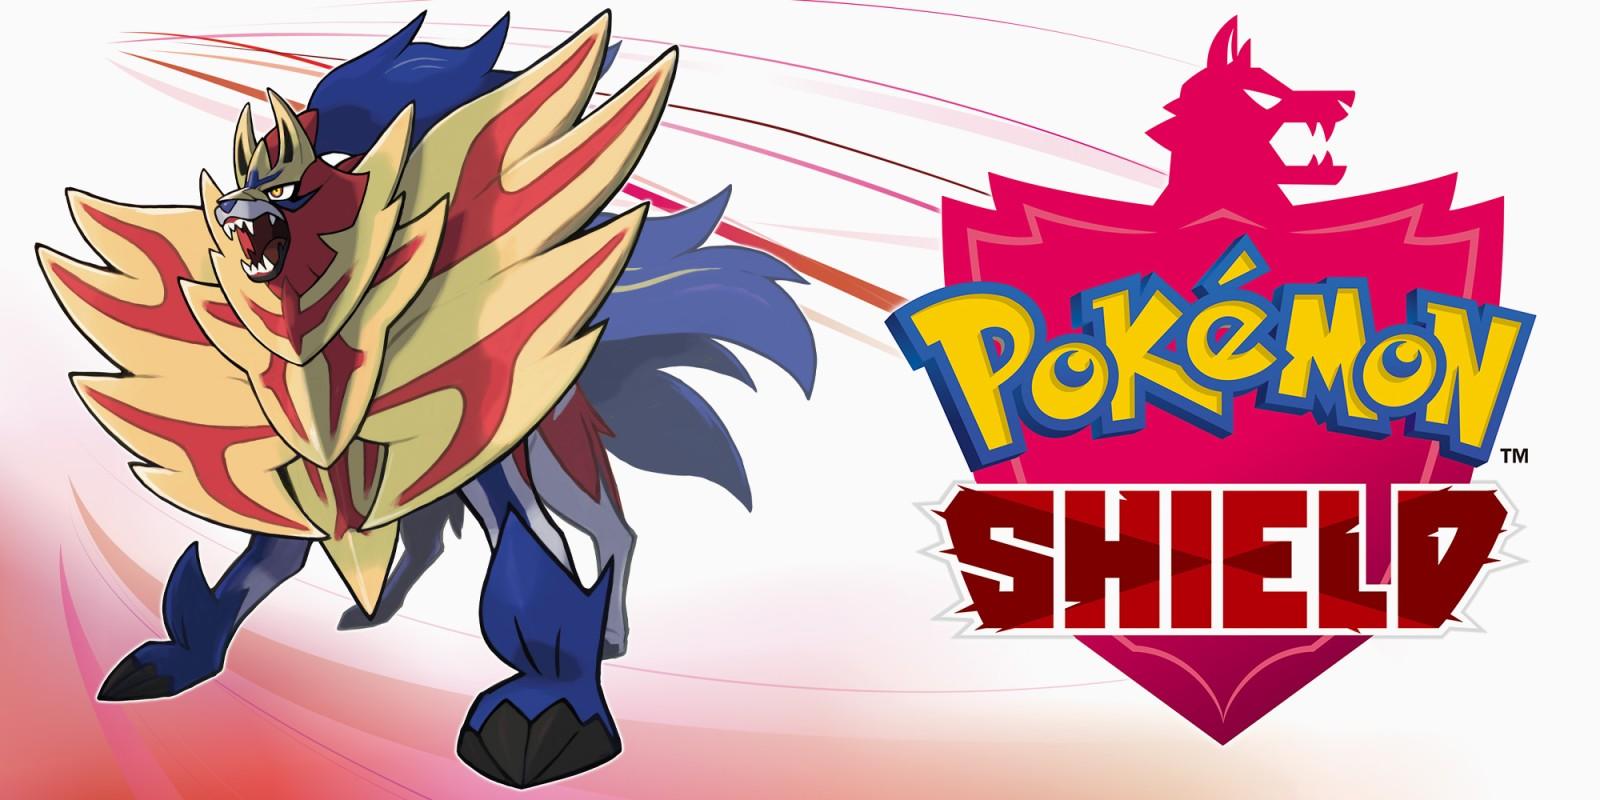 The Pokemon Company опубликовала в Youtube трейлеры игр Pokemon Sword и Pokemon Shield.